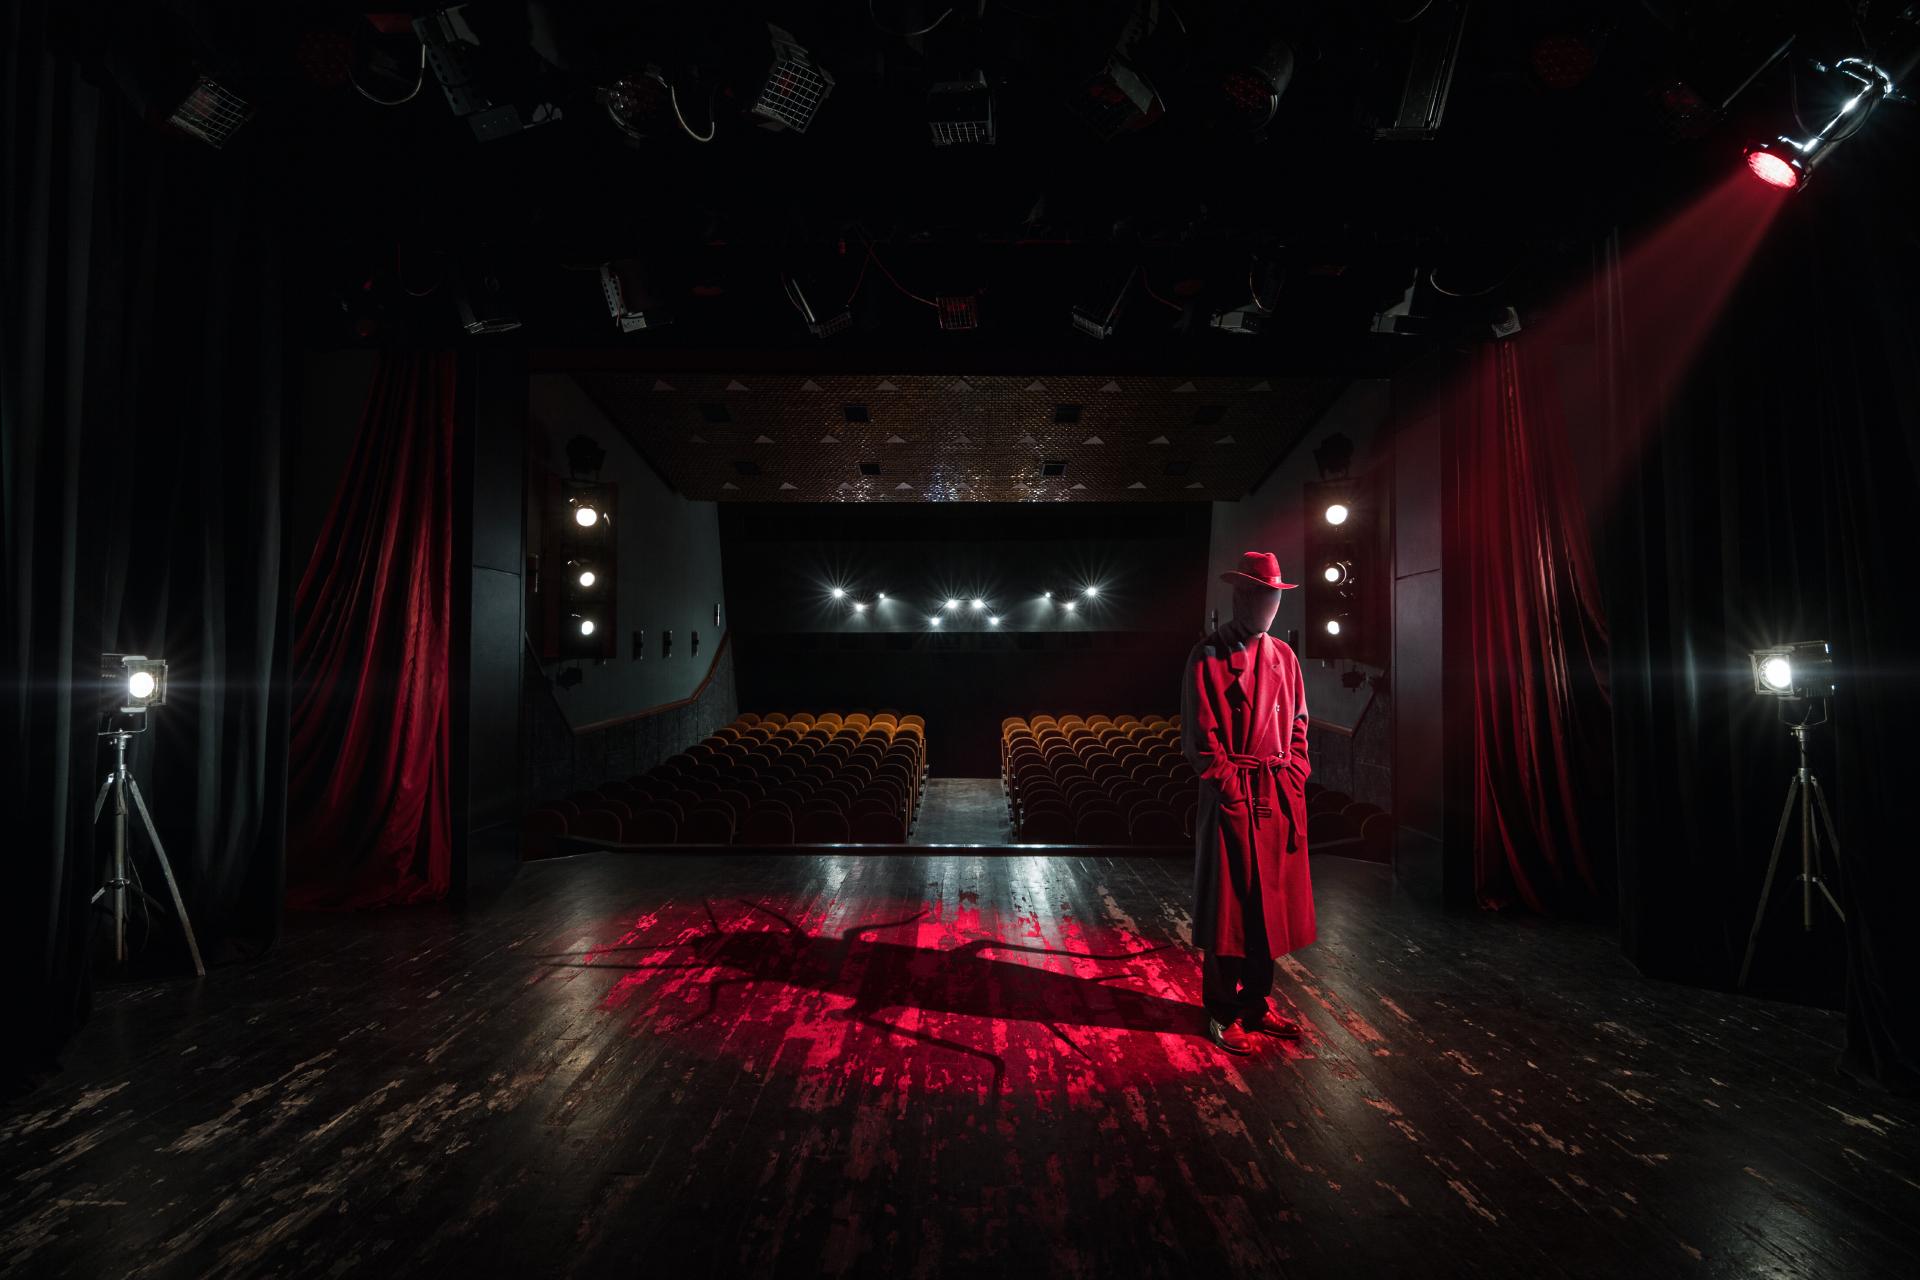 theatre_color